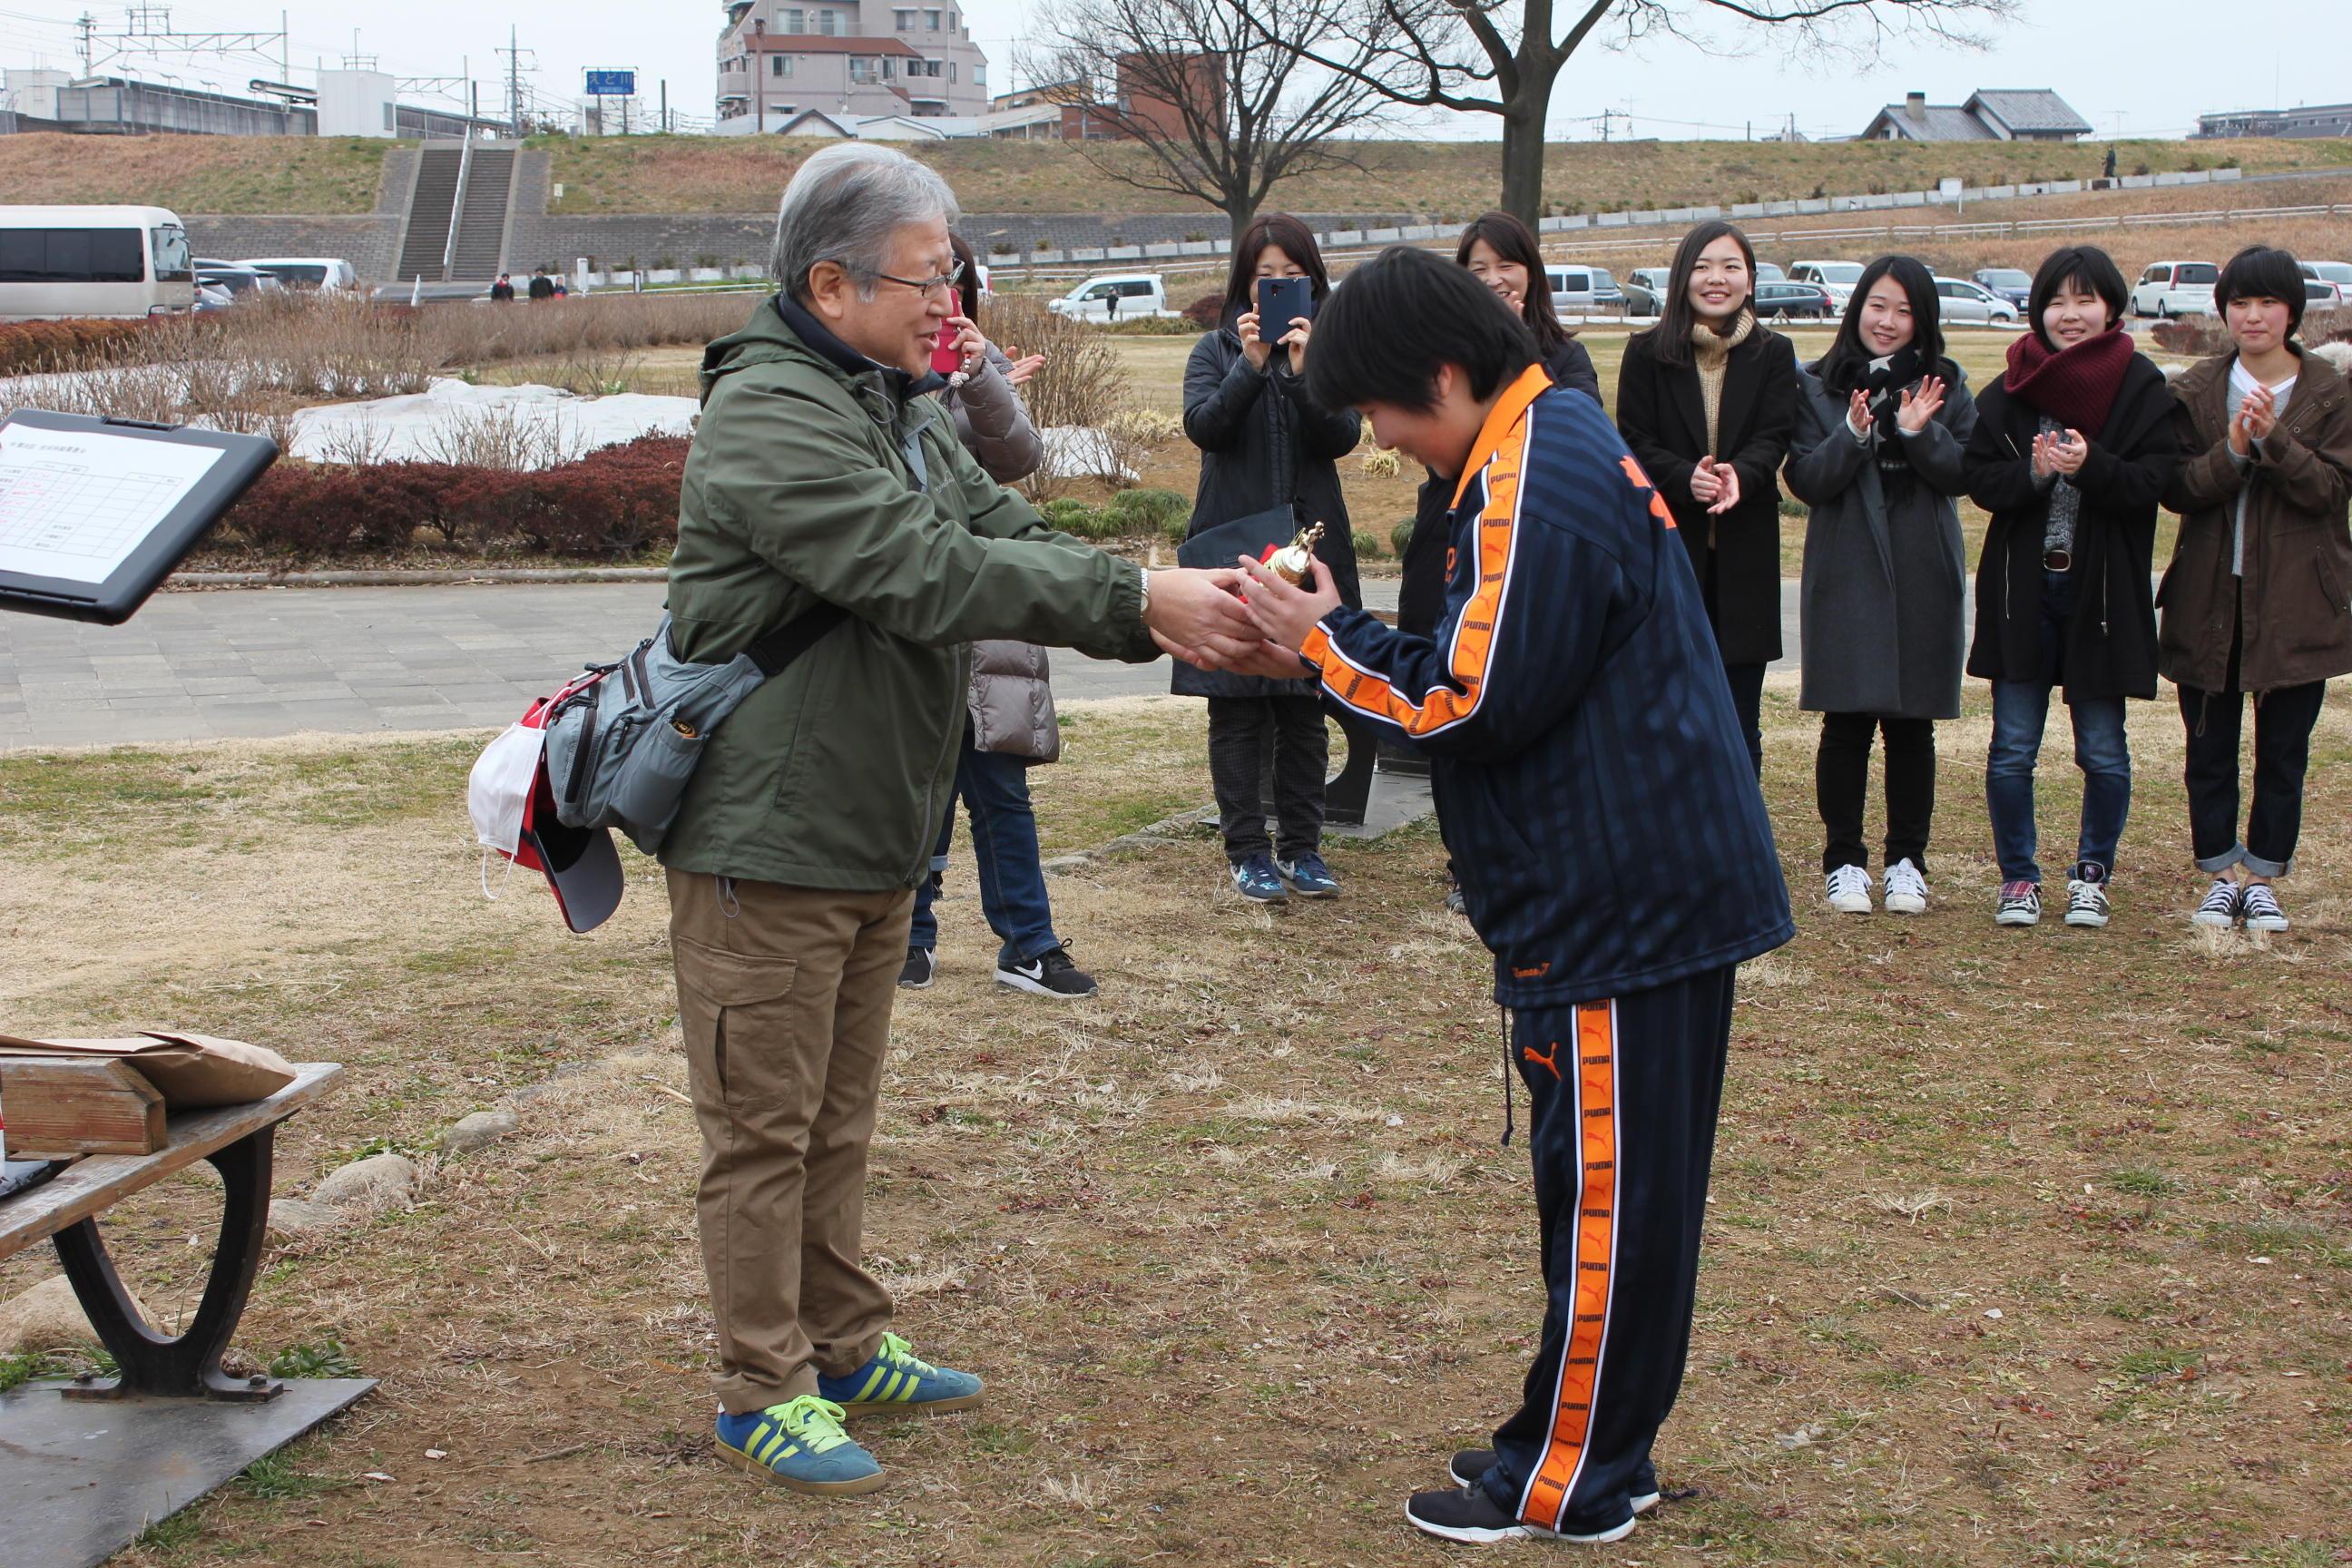 softball2017yoshikawa9.JPG